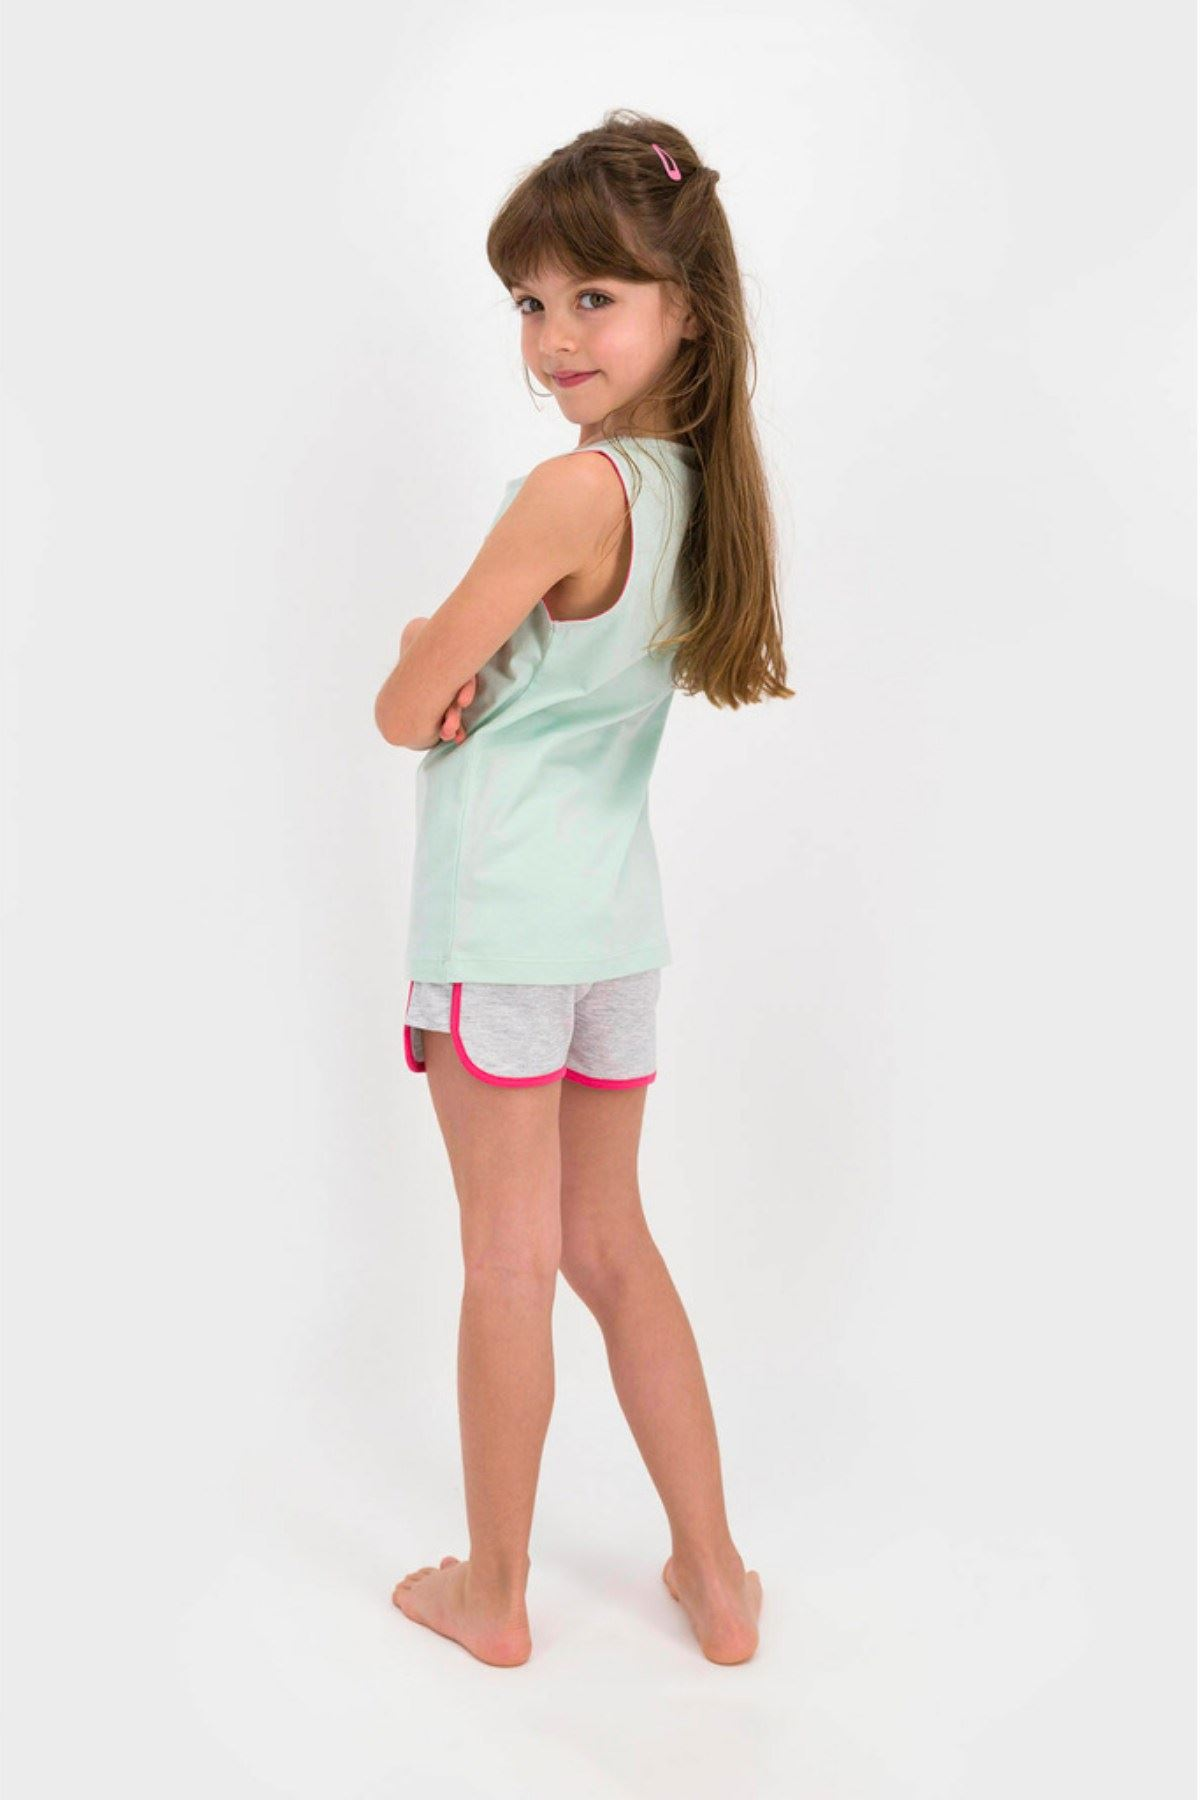 9-15 Yaş Us Polo ASSN Lisanslı San Diego Mint Yeşil Kız Çocuk Takım